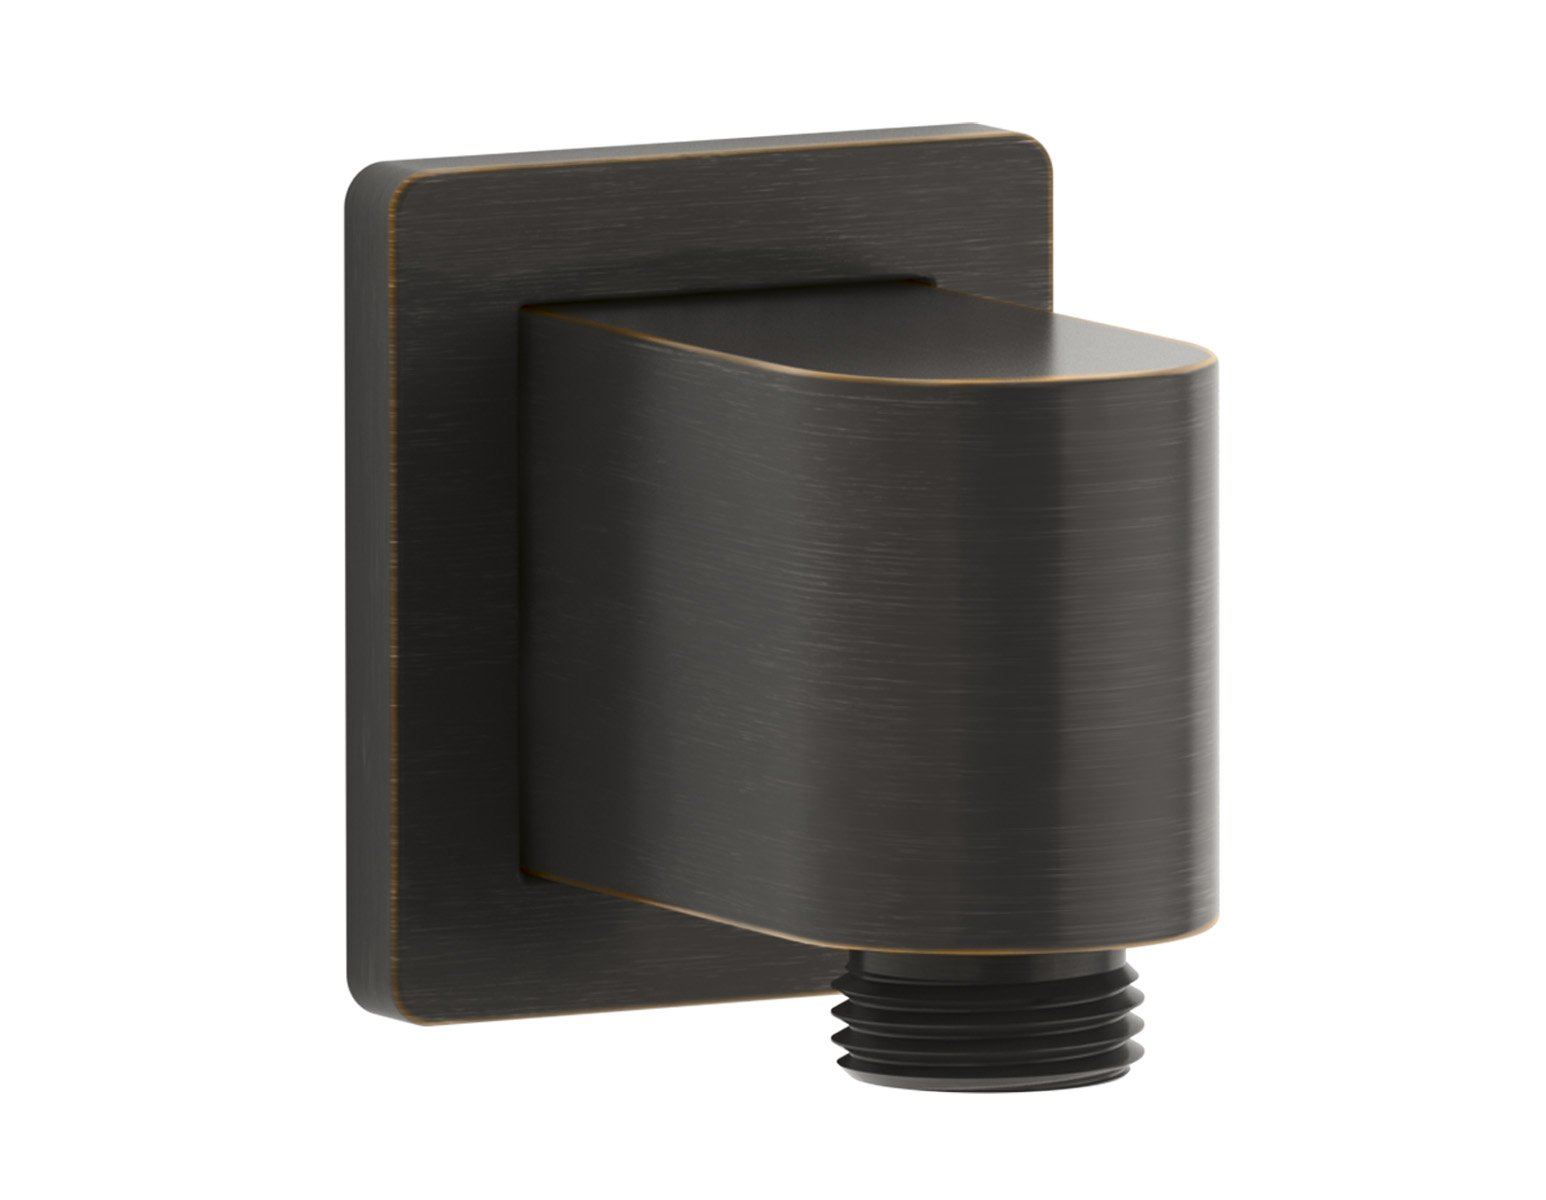 Kohler K-98351-2BZ Awaken Wall-Munt Supply Elbow with Check Valve Oil-Rubbed Bronze by Kohler